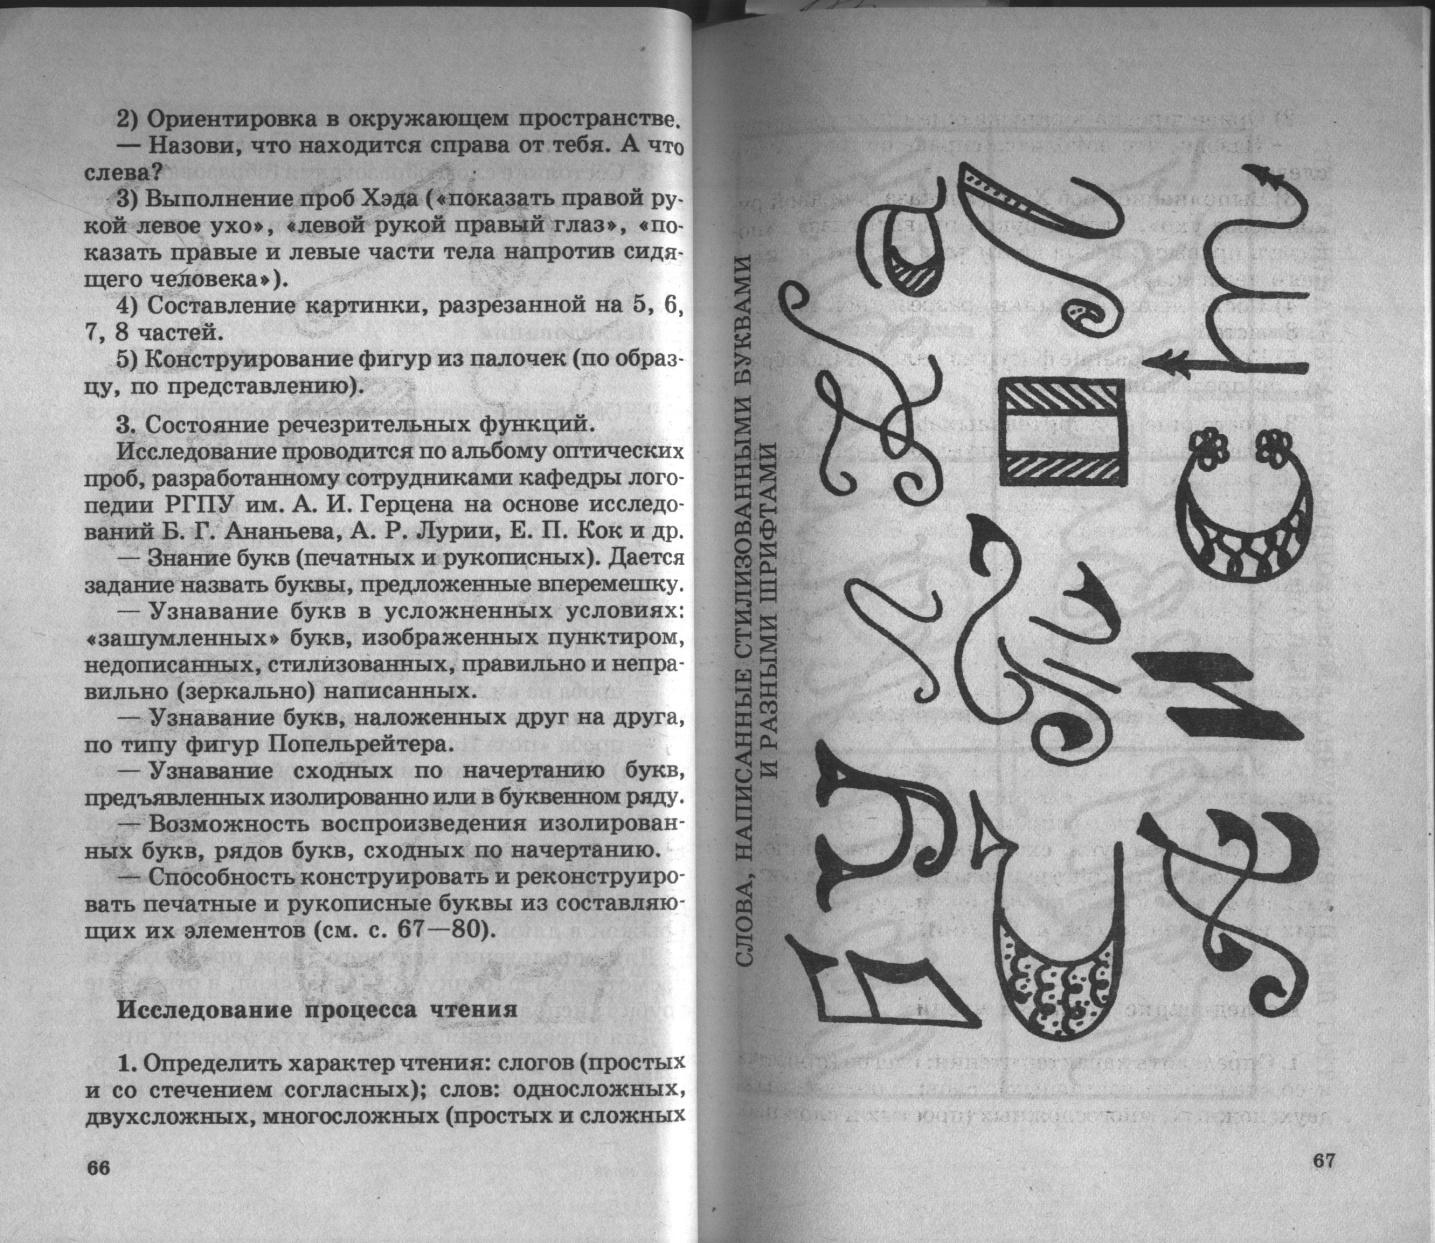 D:\\Лалаева,Венедиктова.Диагностика и коррекция нарушений чтения и письма\out-0034.jpeg